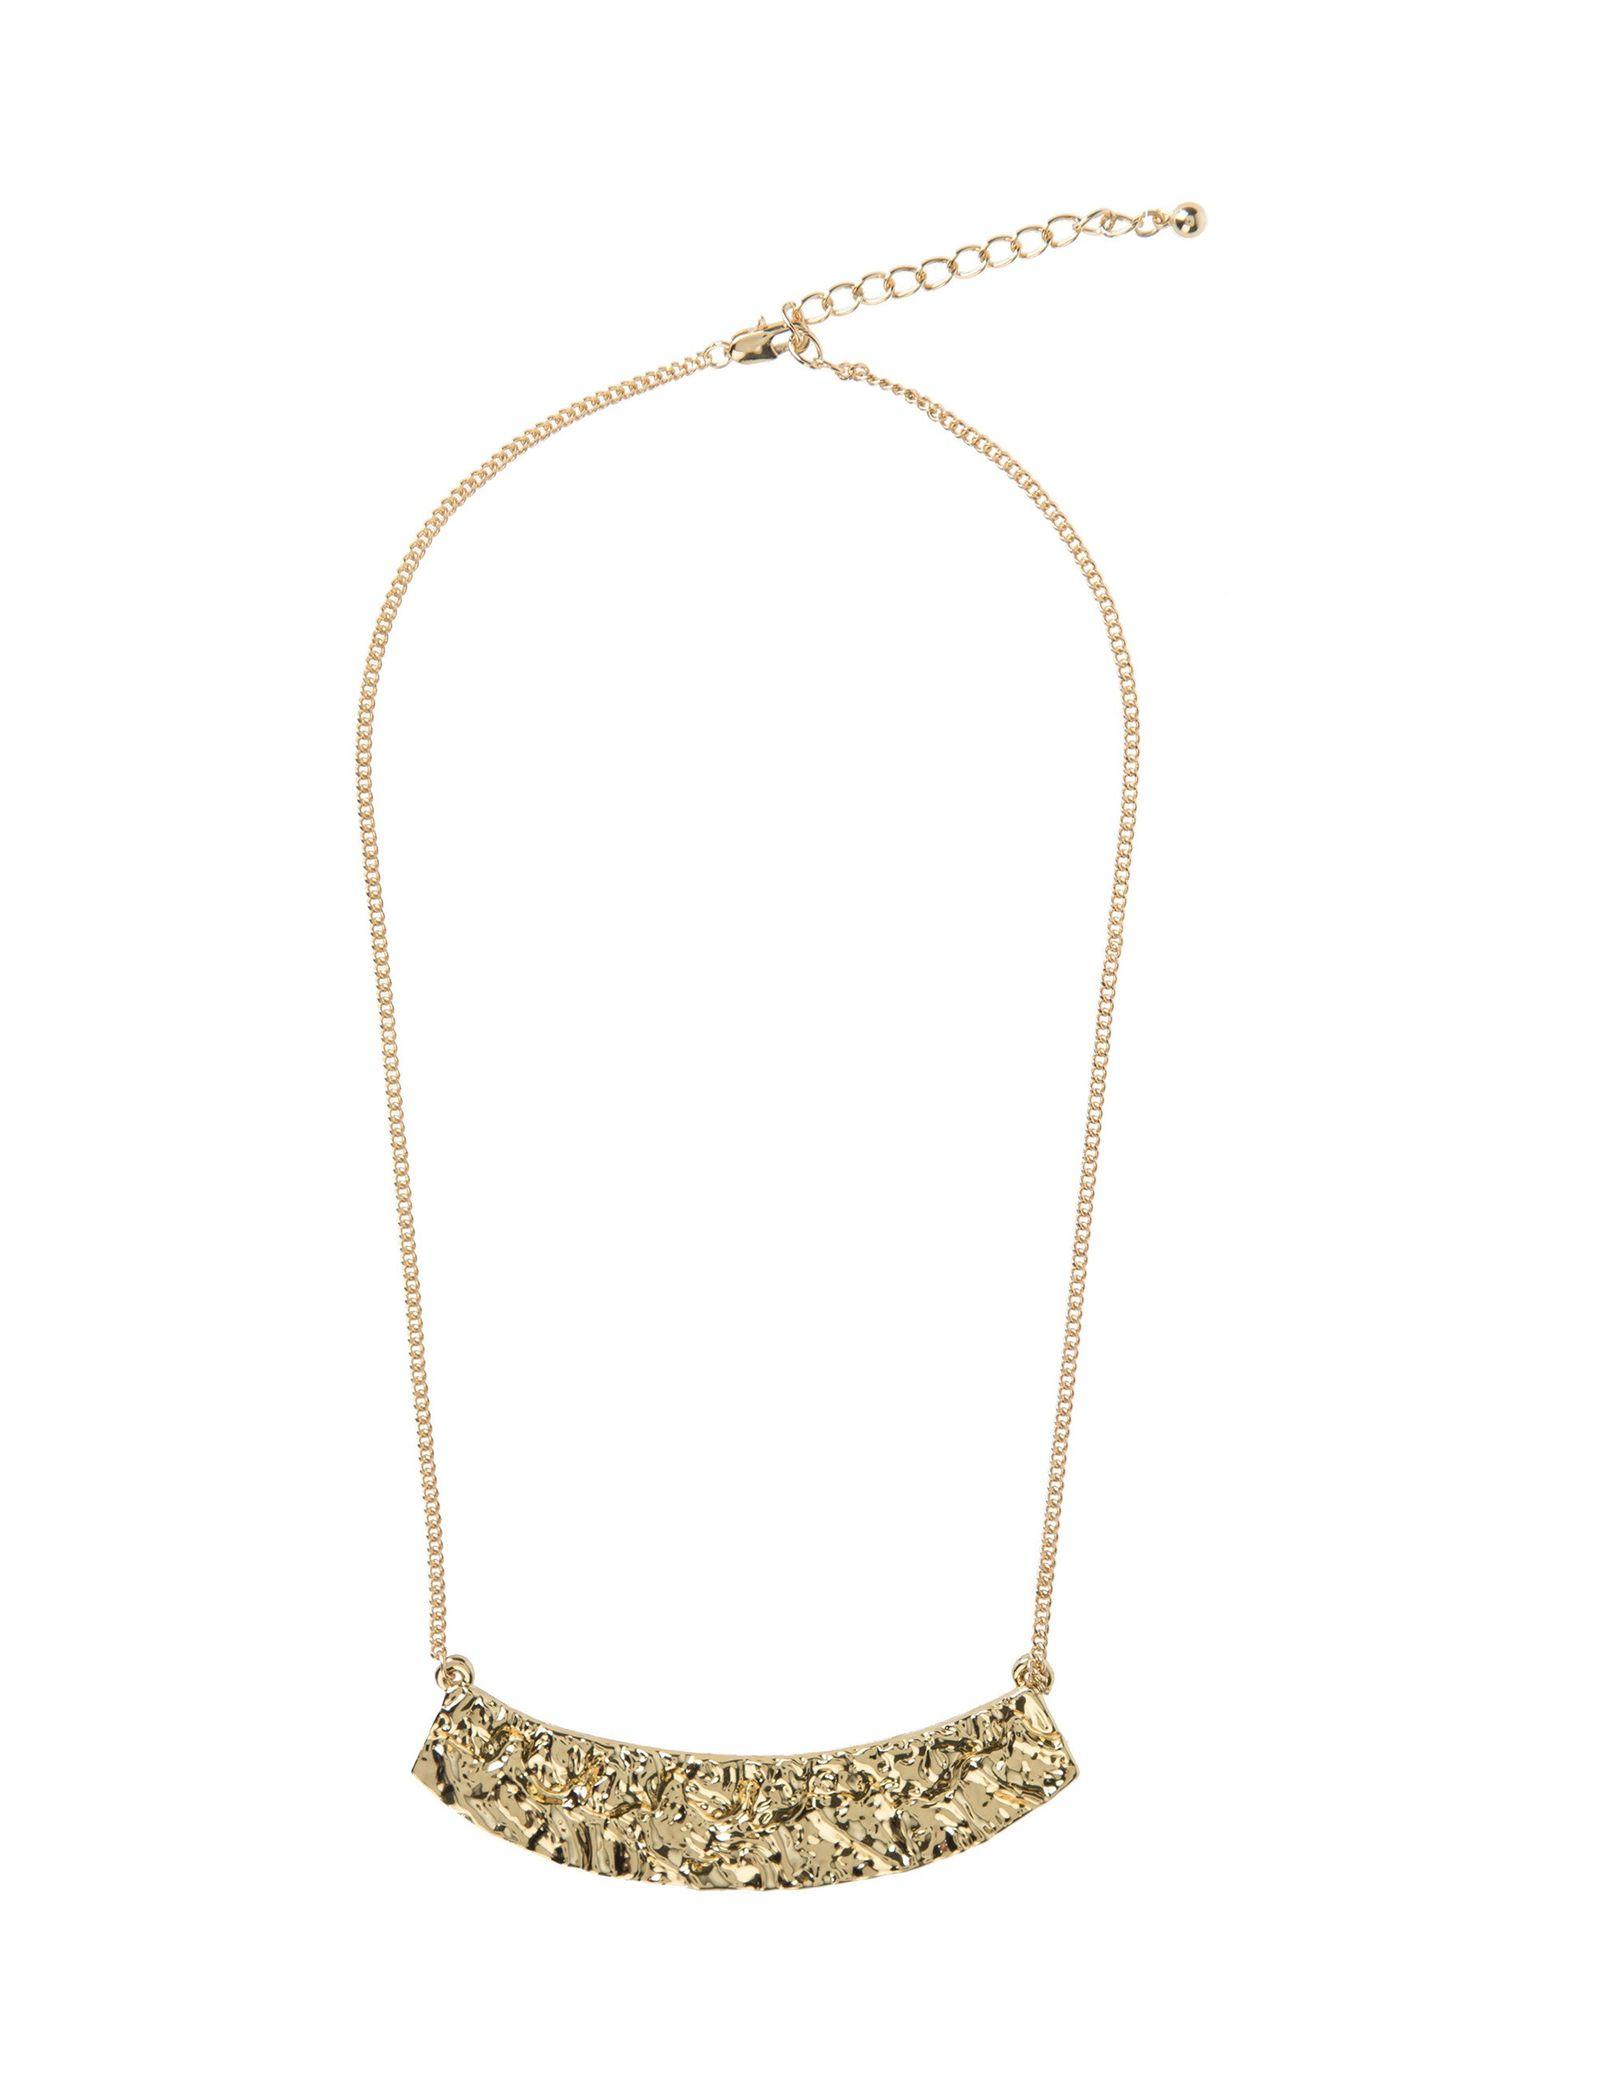 گردبند زنجیری زنانه - پی سز - طلايي - 1